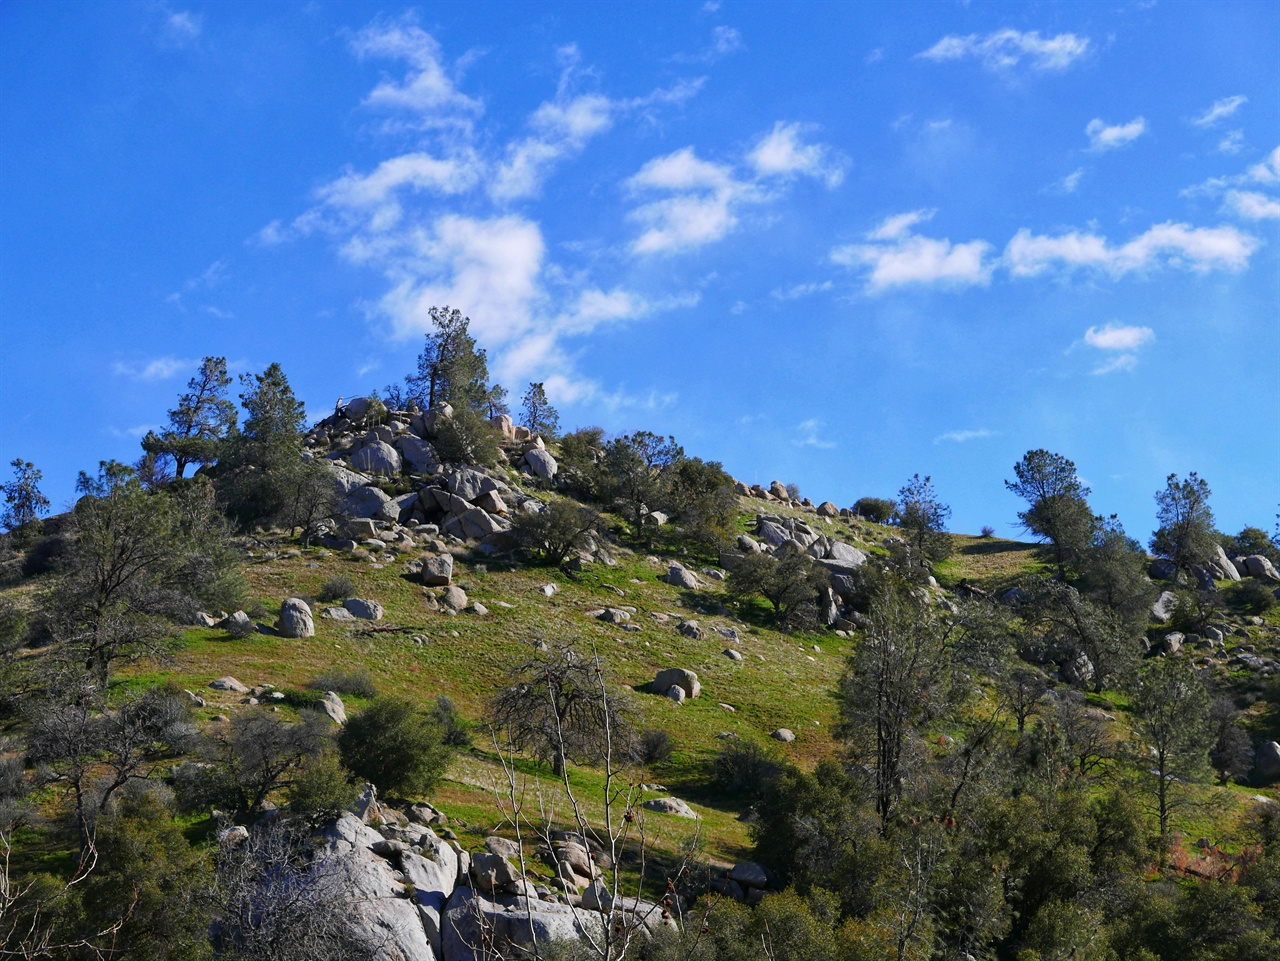 컨강을 둘러싼 산. 돌이 많다. ⓒ 우세린